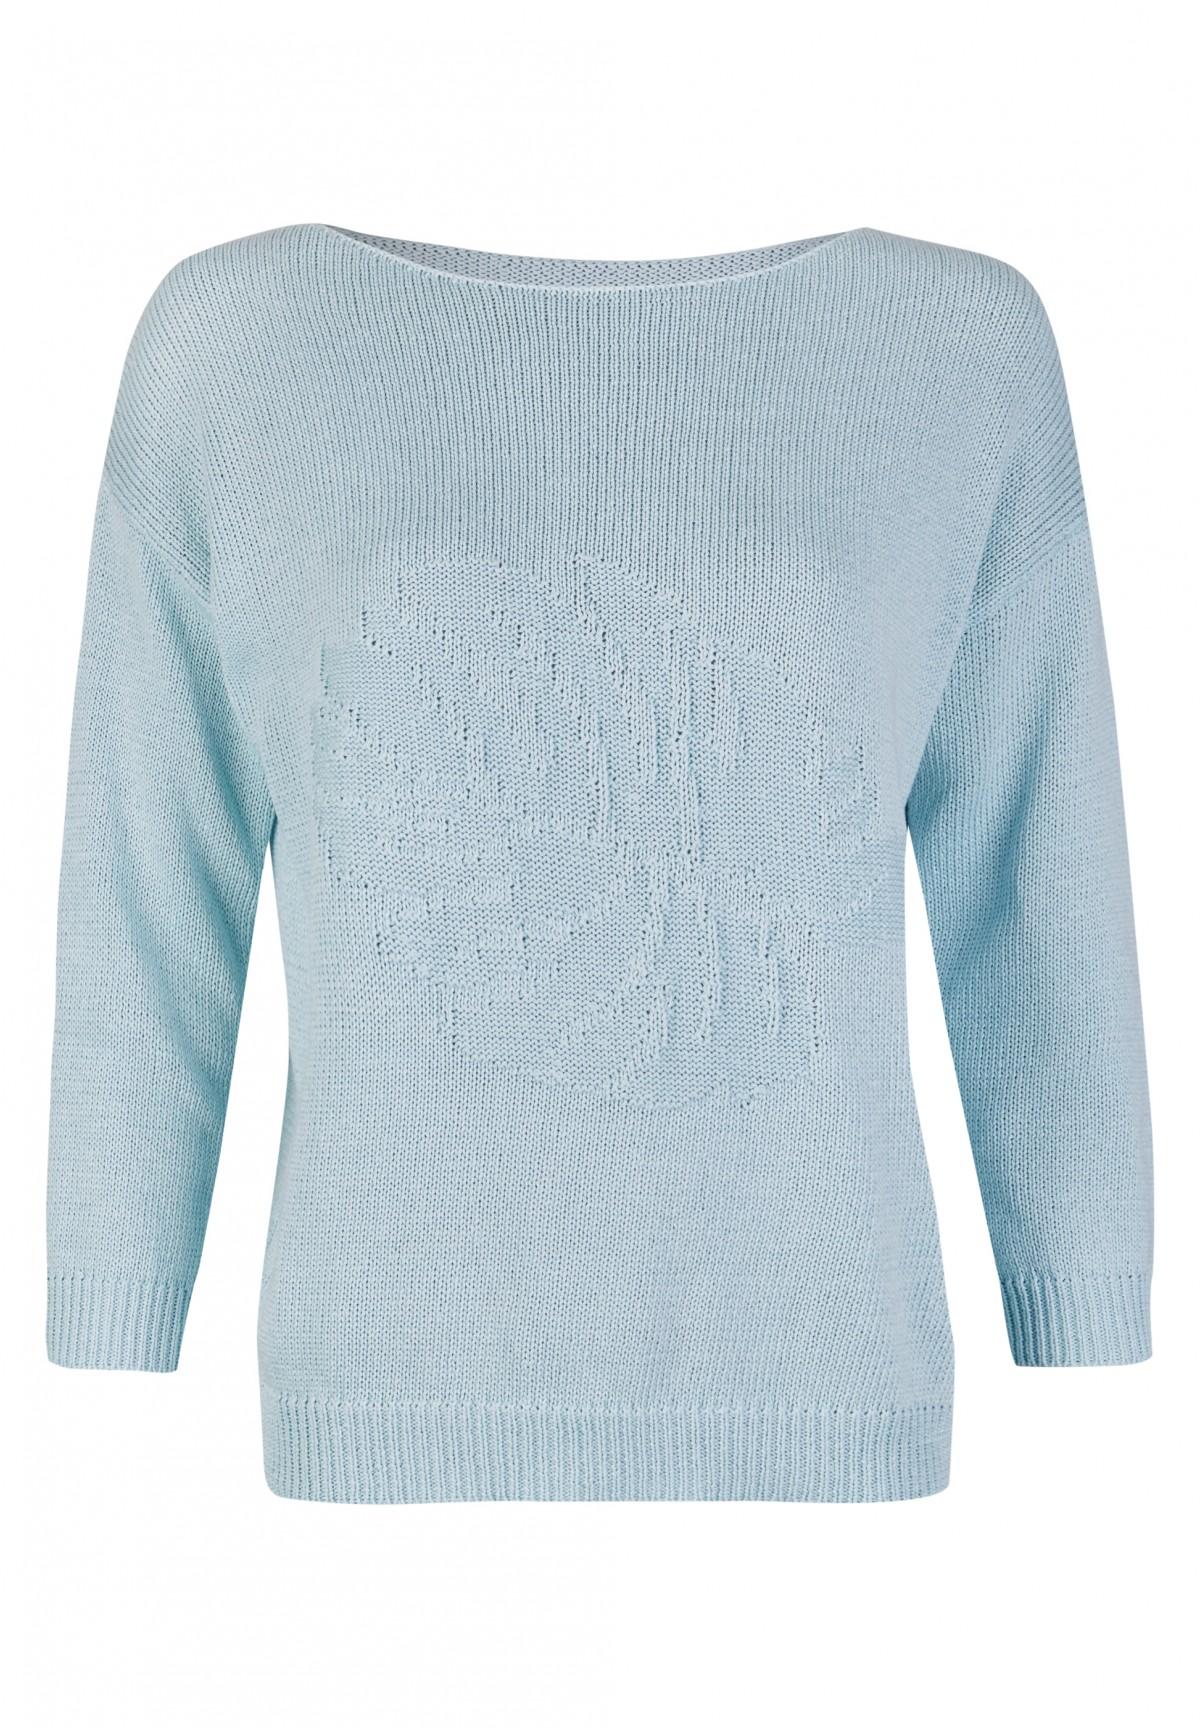 Modischer Pullover mit Intarsie / Jumper